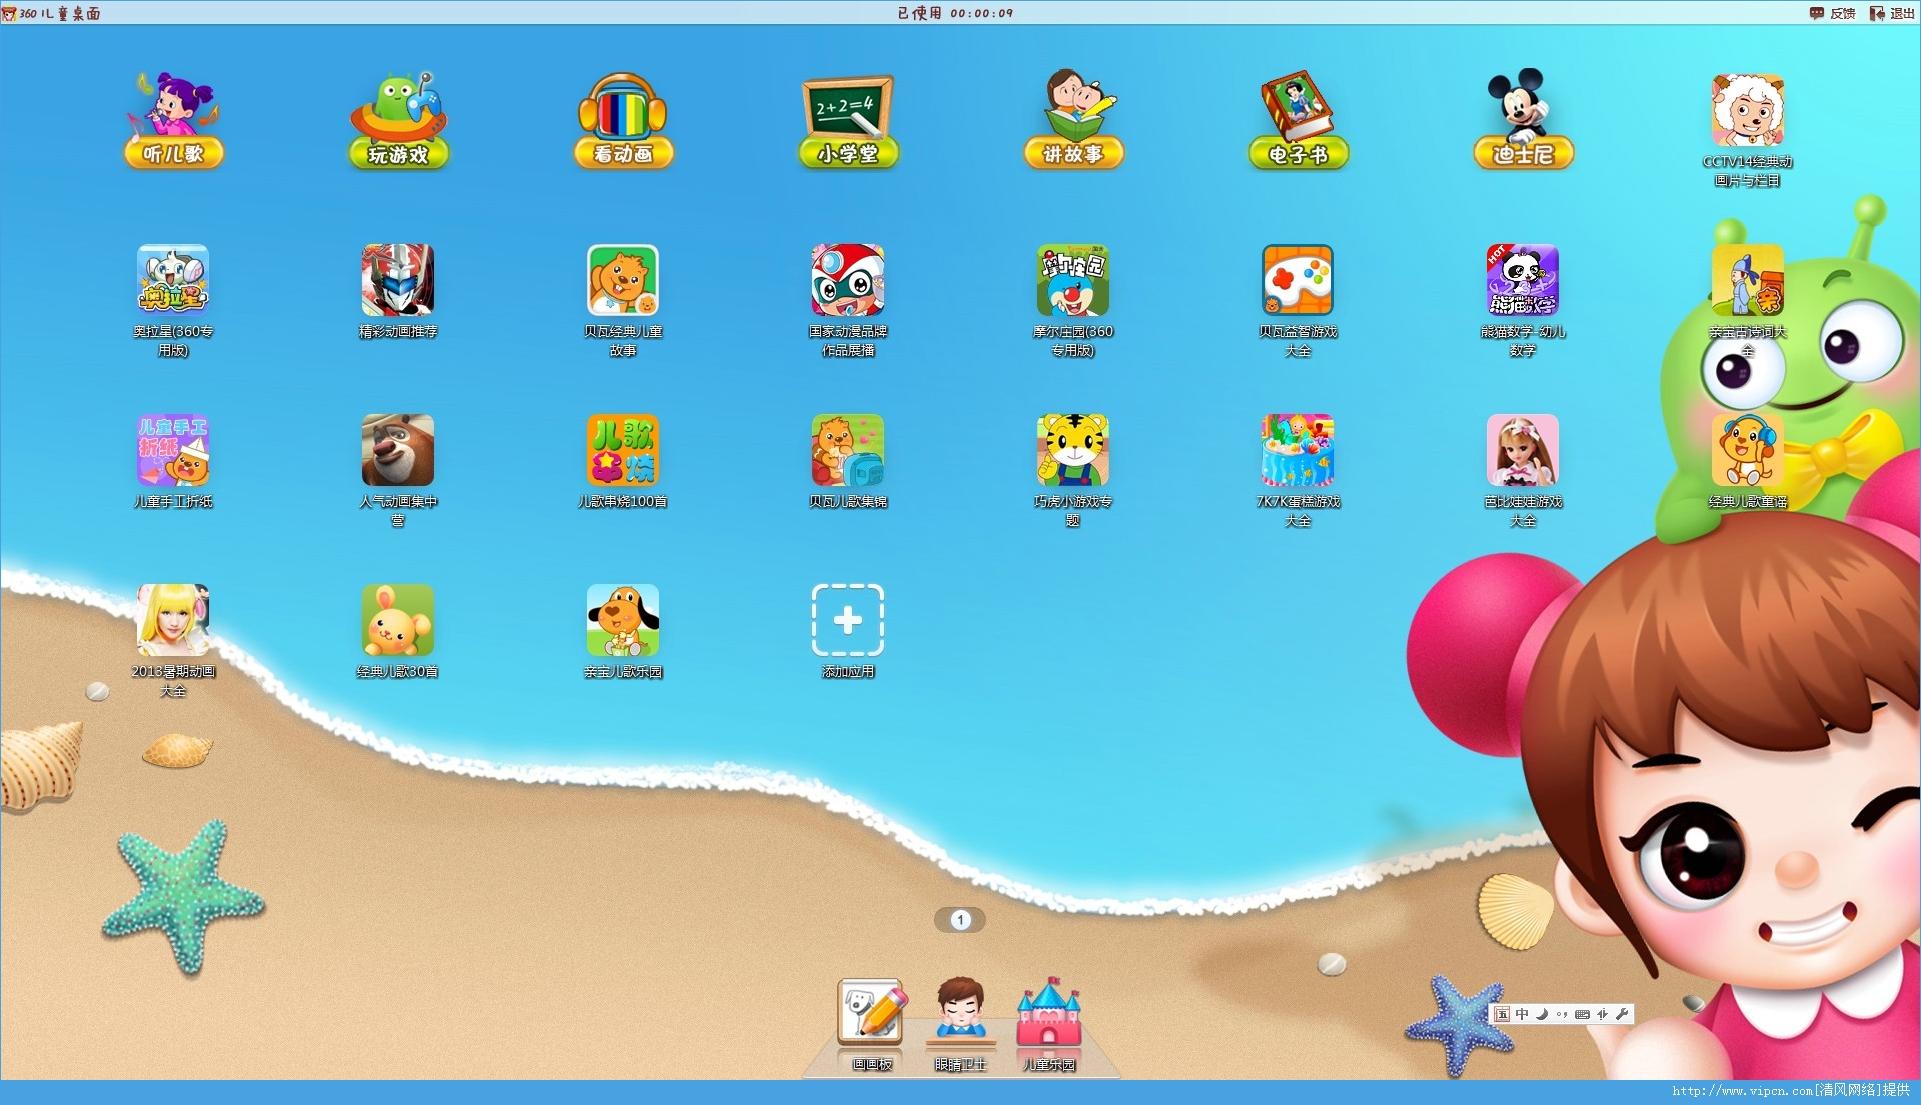 360儿童桌面 官方最新版 v3.1.0.1030 安装版